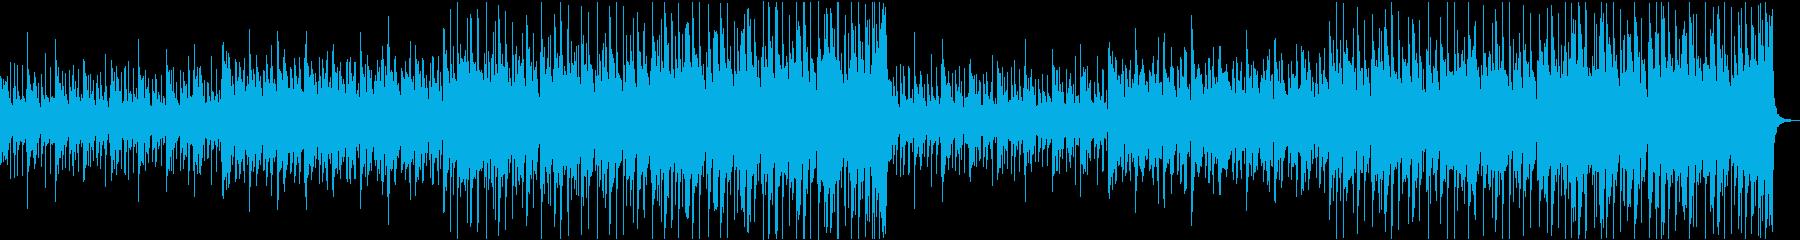 壮大シネマティックエピックトレーラーaの再生済みの波形